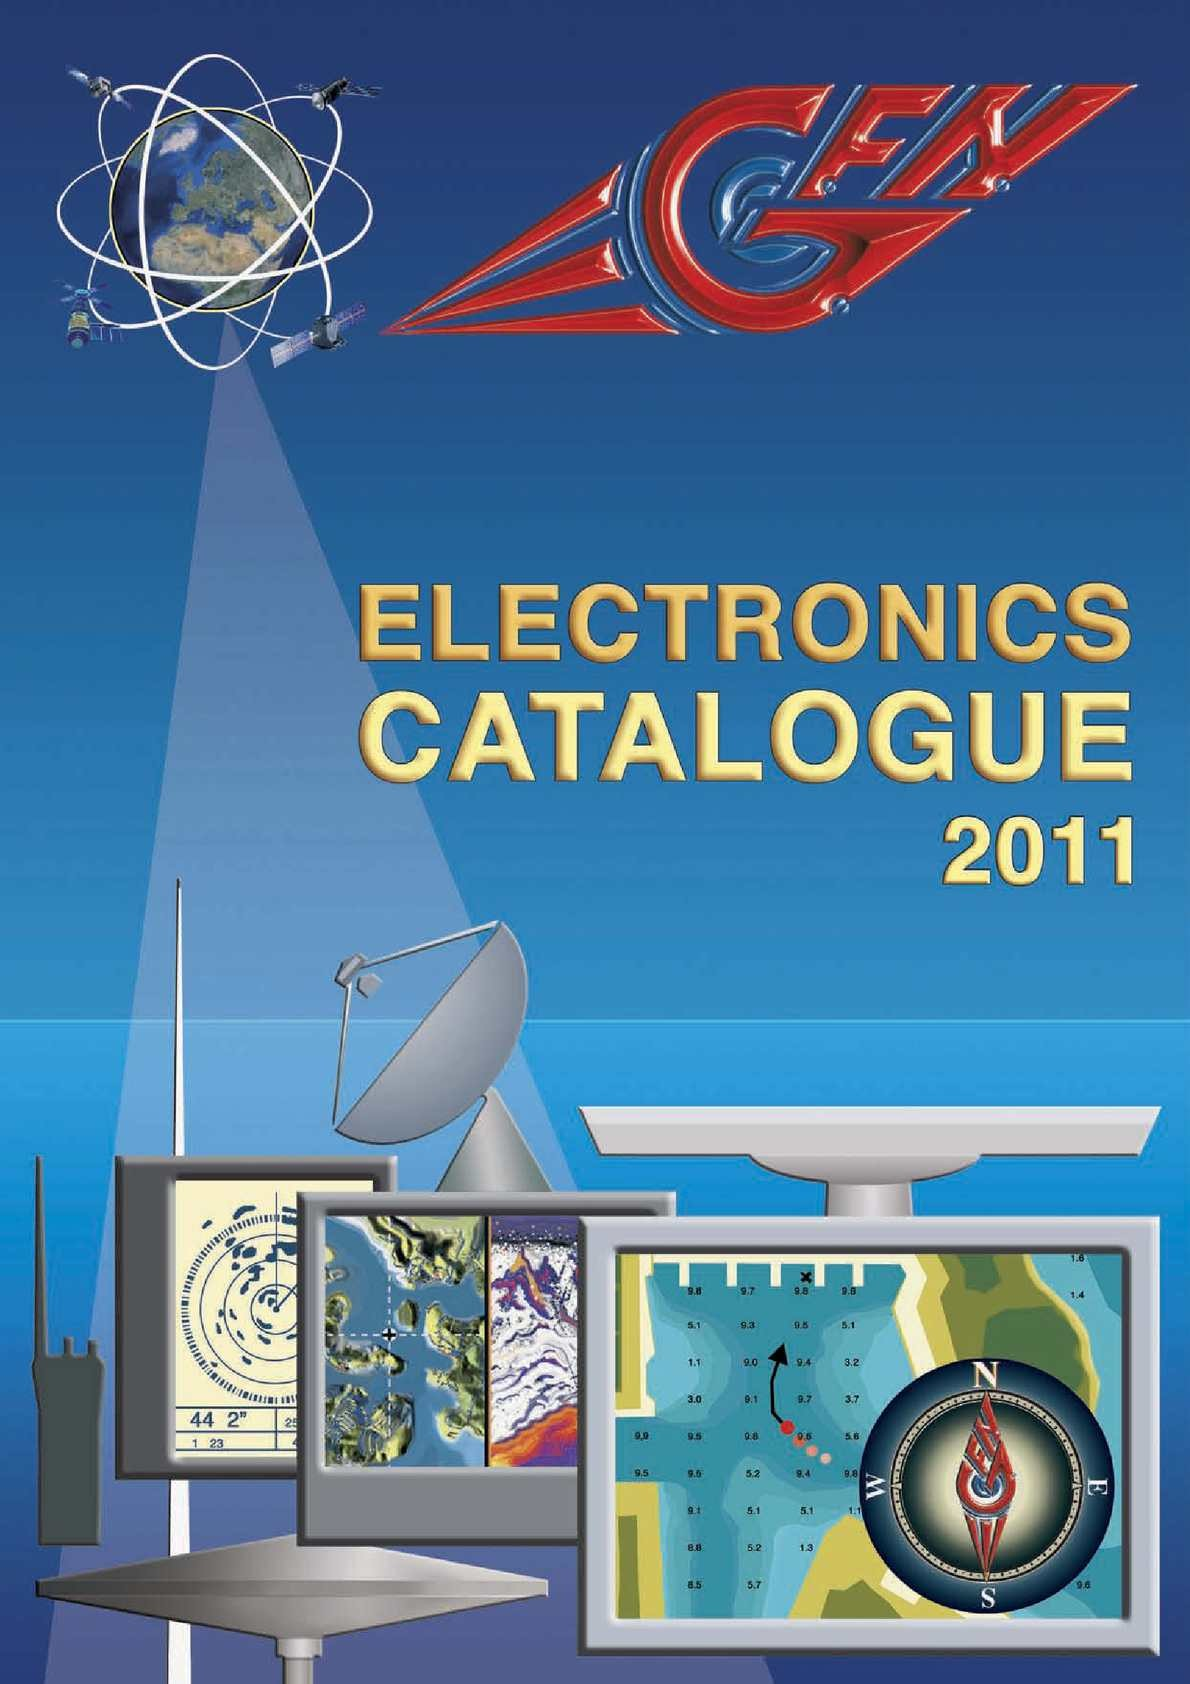 Blue Wire On Garmin Striker 4 Calaméo Electronics Price List G F N 2011 Of Blue Wire On Garmin Striker 4